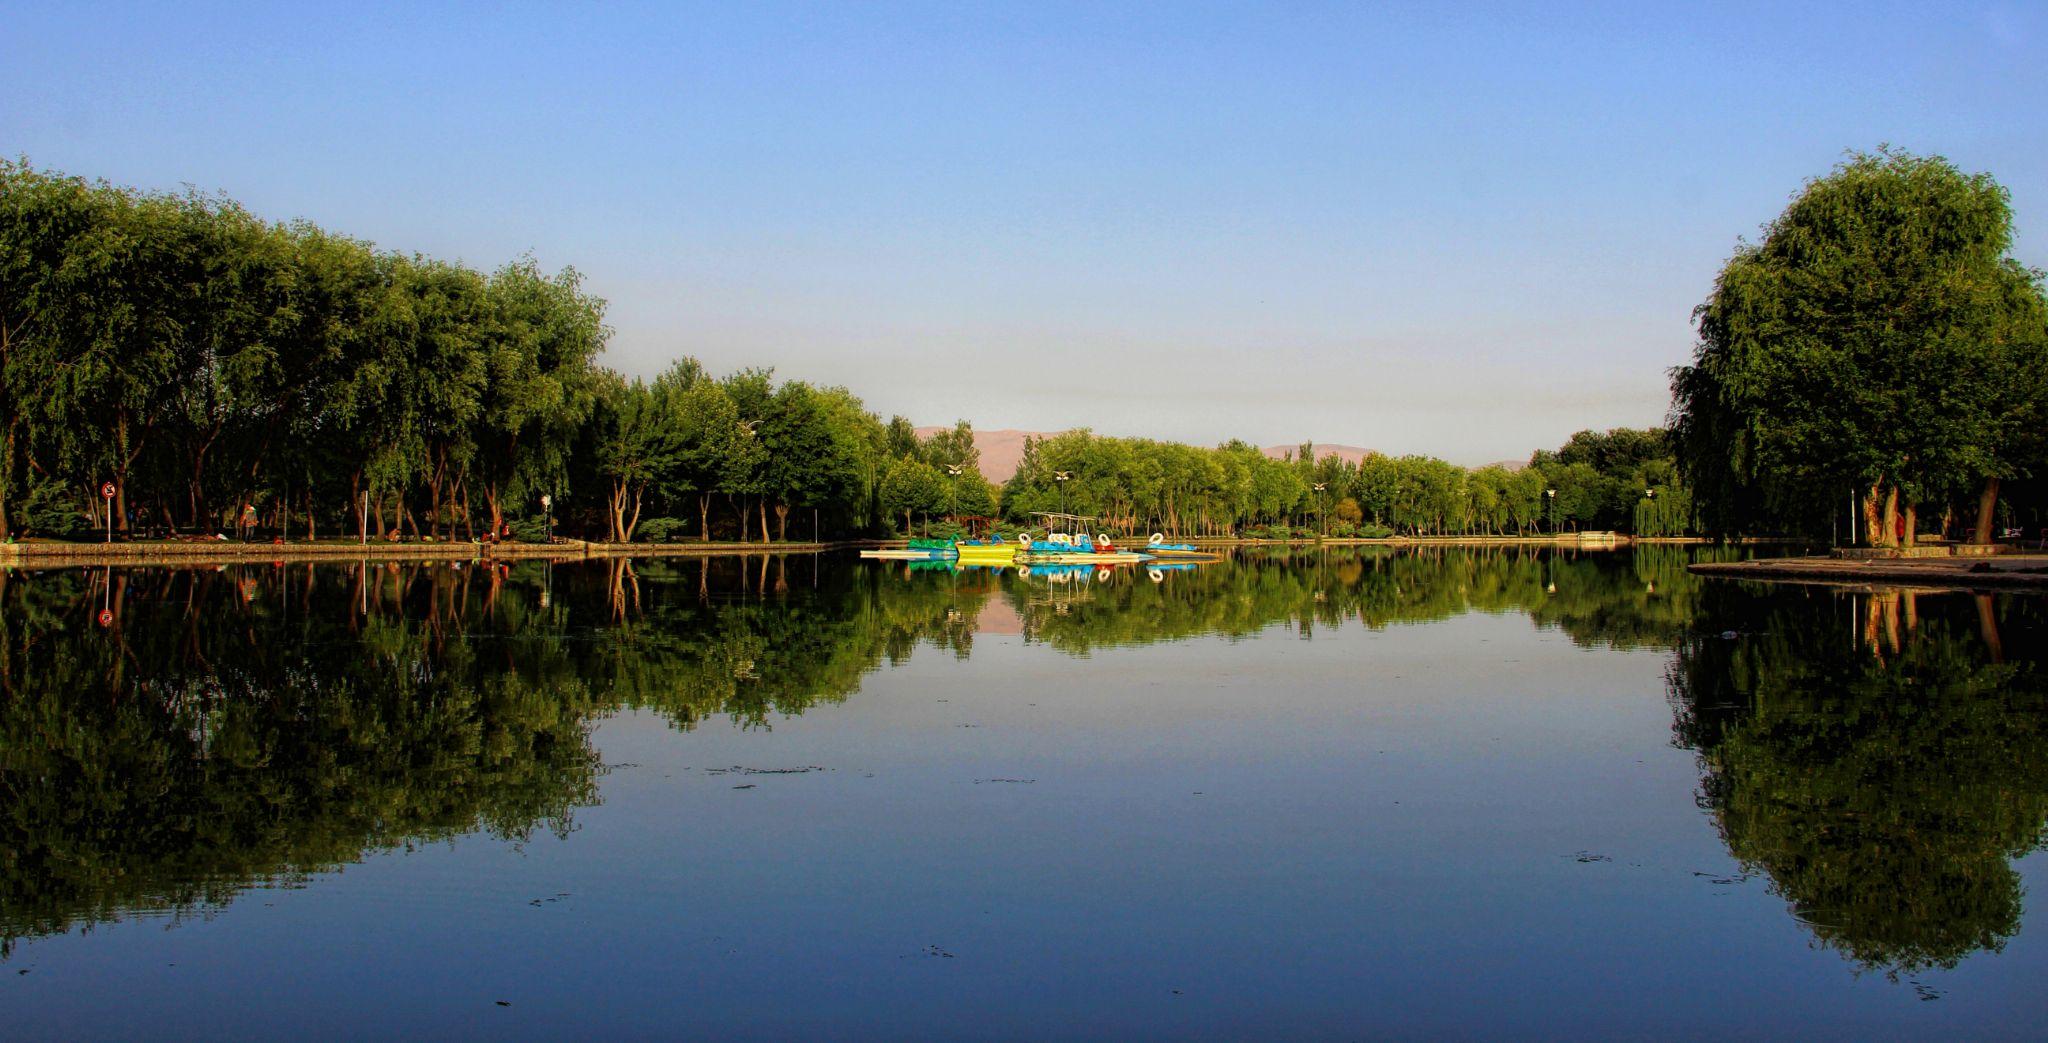 Reflection by Mahdi Gh B